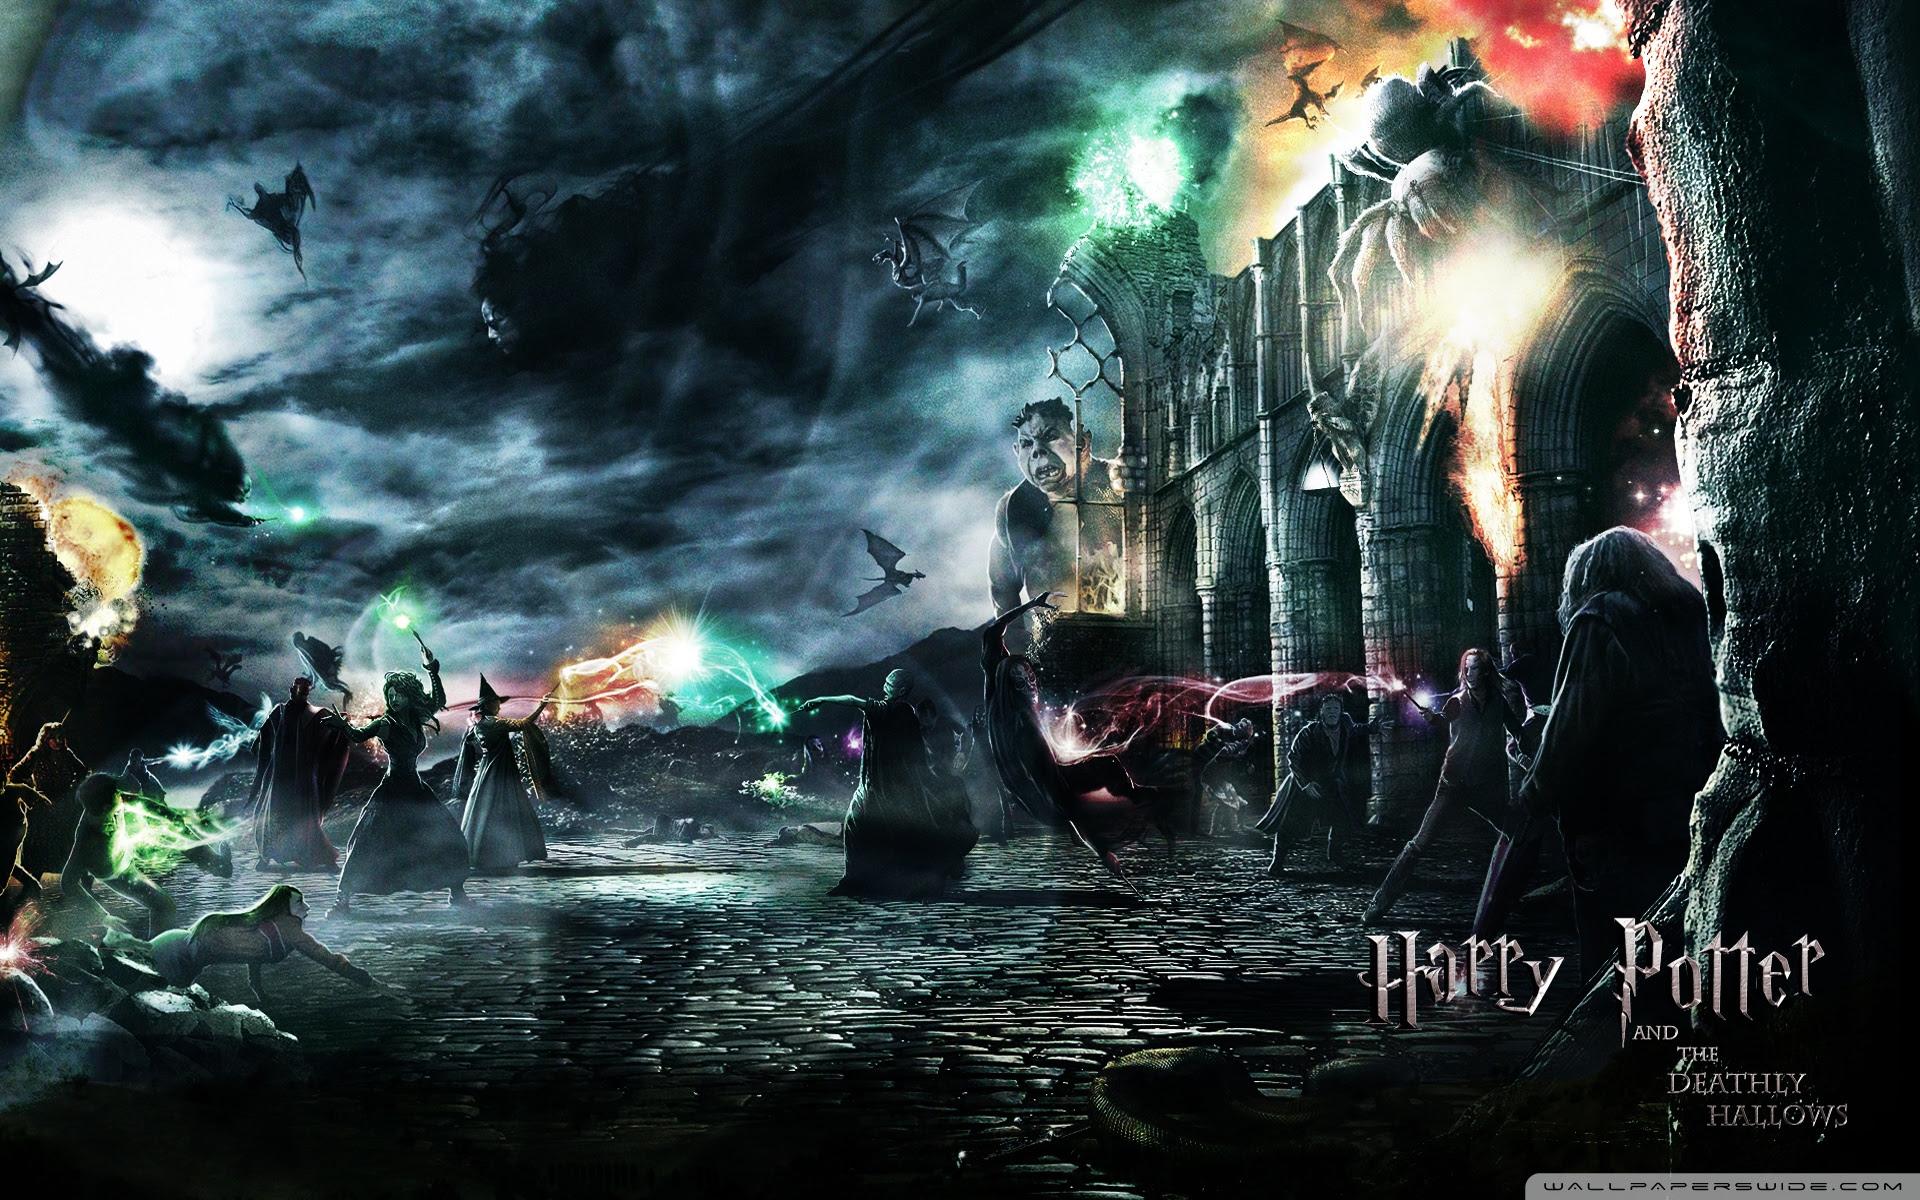 Harry Potter ハリーポッター 壁紙 33045833 ファンポップ